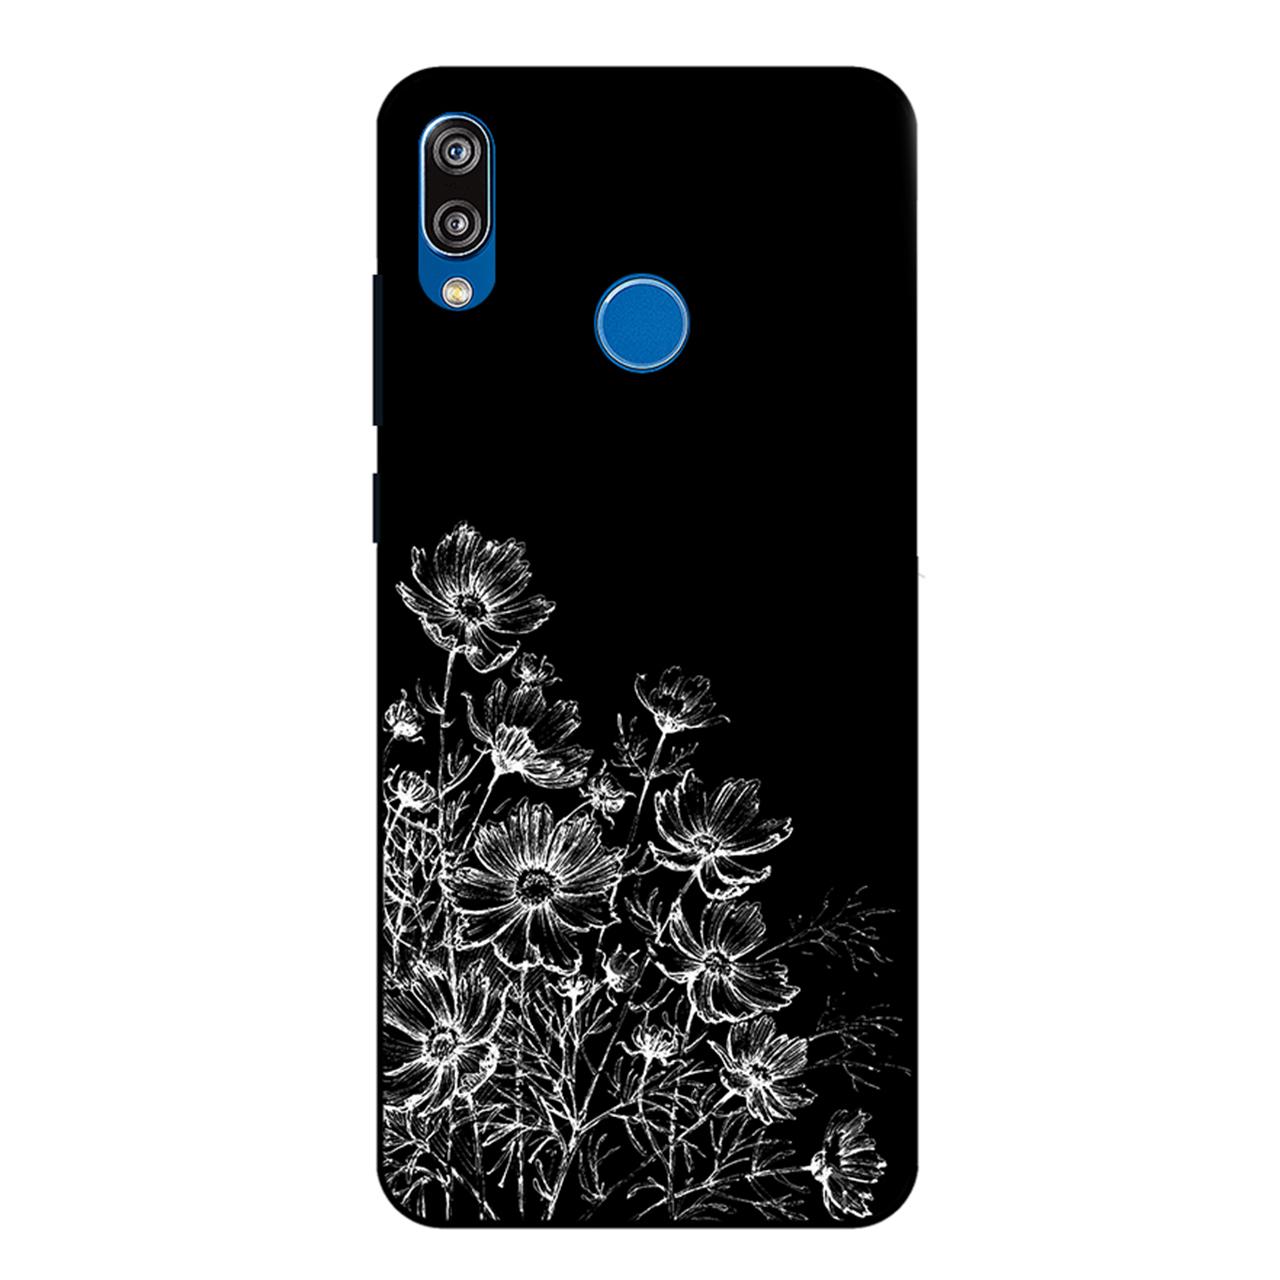 کاور کی اچ کد 7274 مناسب برای گوشی موبایل هوآوی Y7 Pro 2019 / Y7 2019